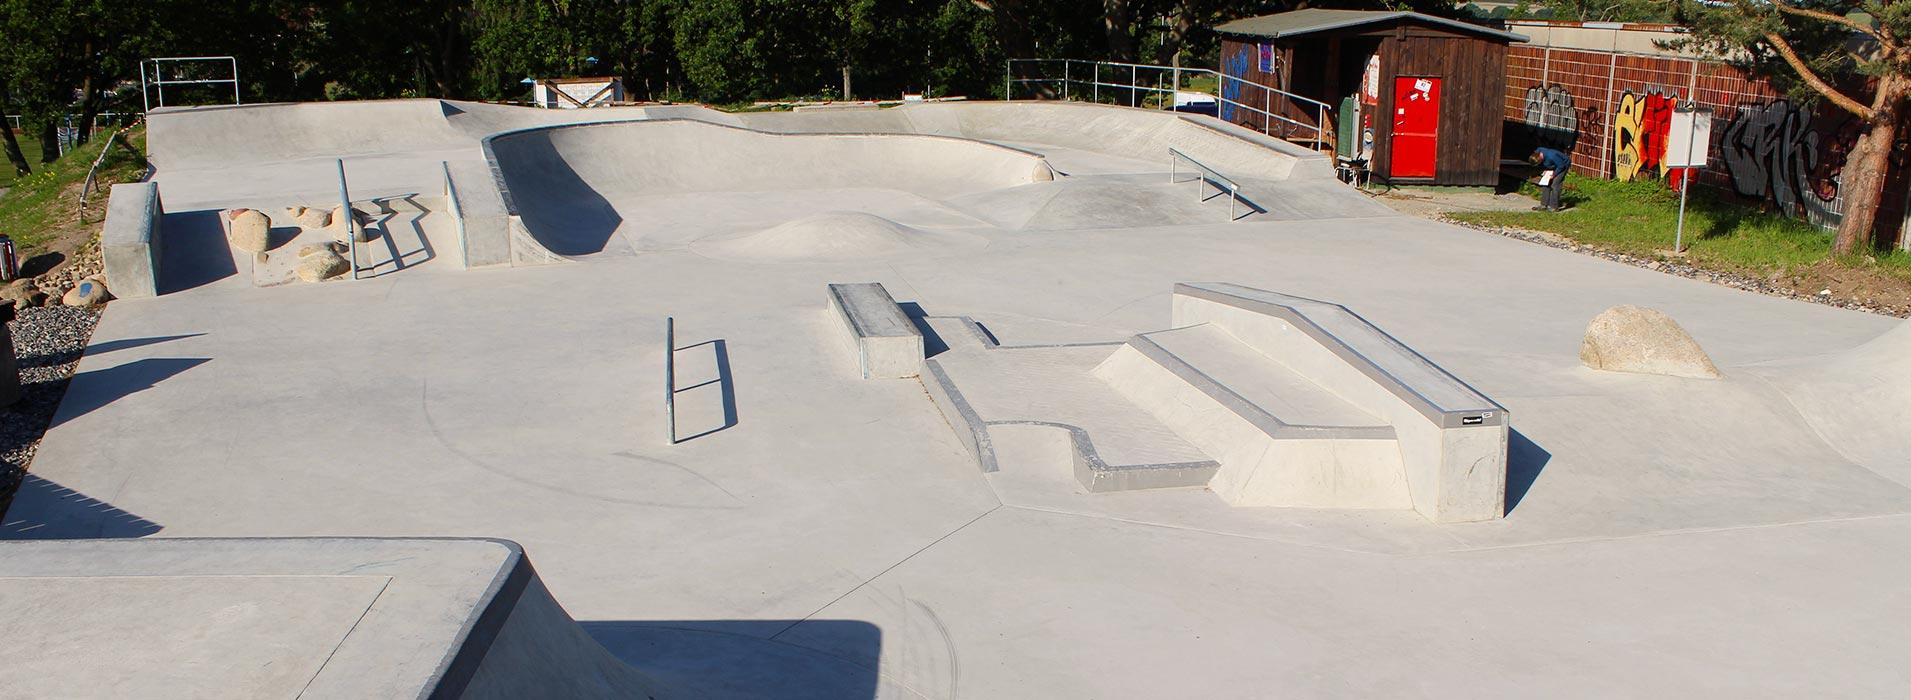 slider_skatepark_12